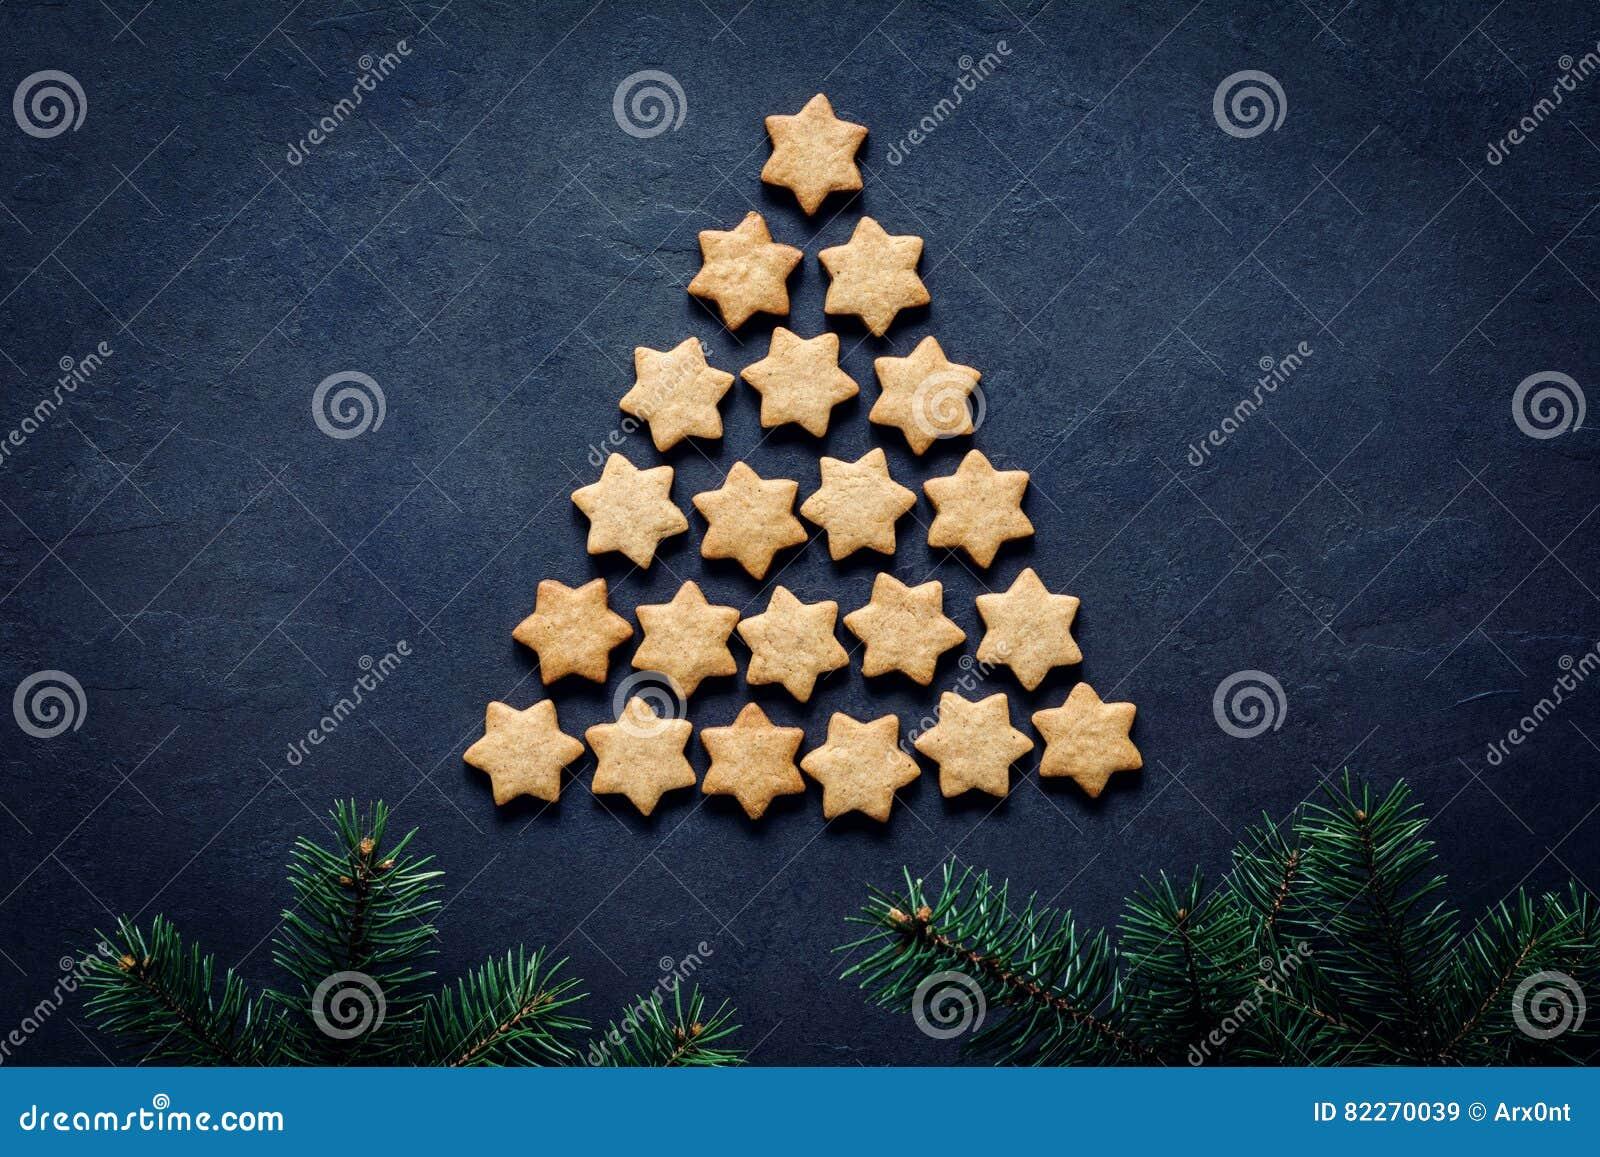 Albero Di Natale Fatto Con I Biscotti.Albero Di Natale Fatto Dei Biscotti Immagine Stock Immagine Di